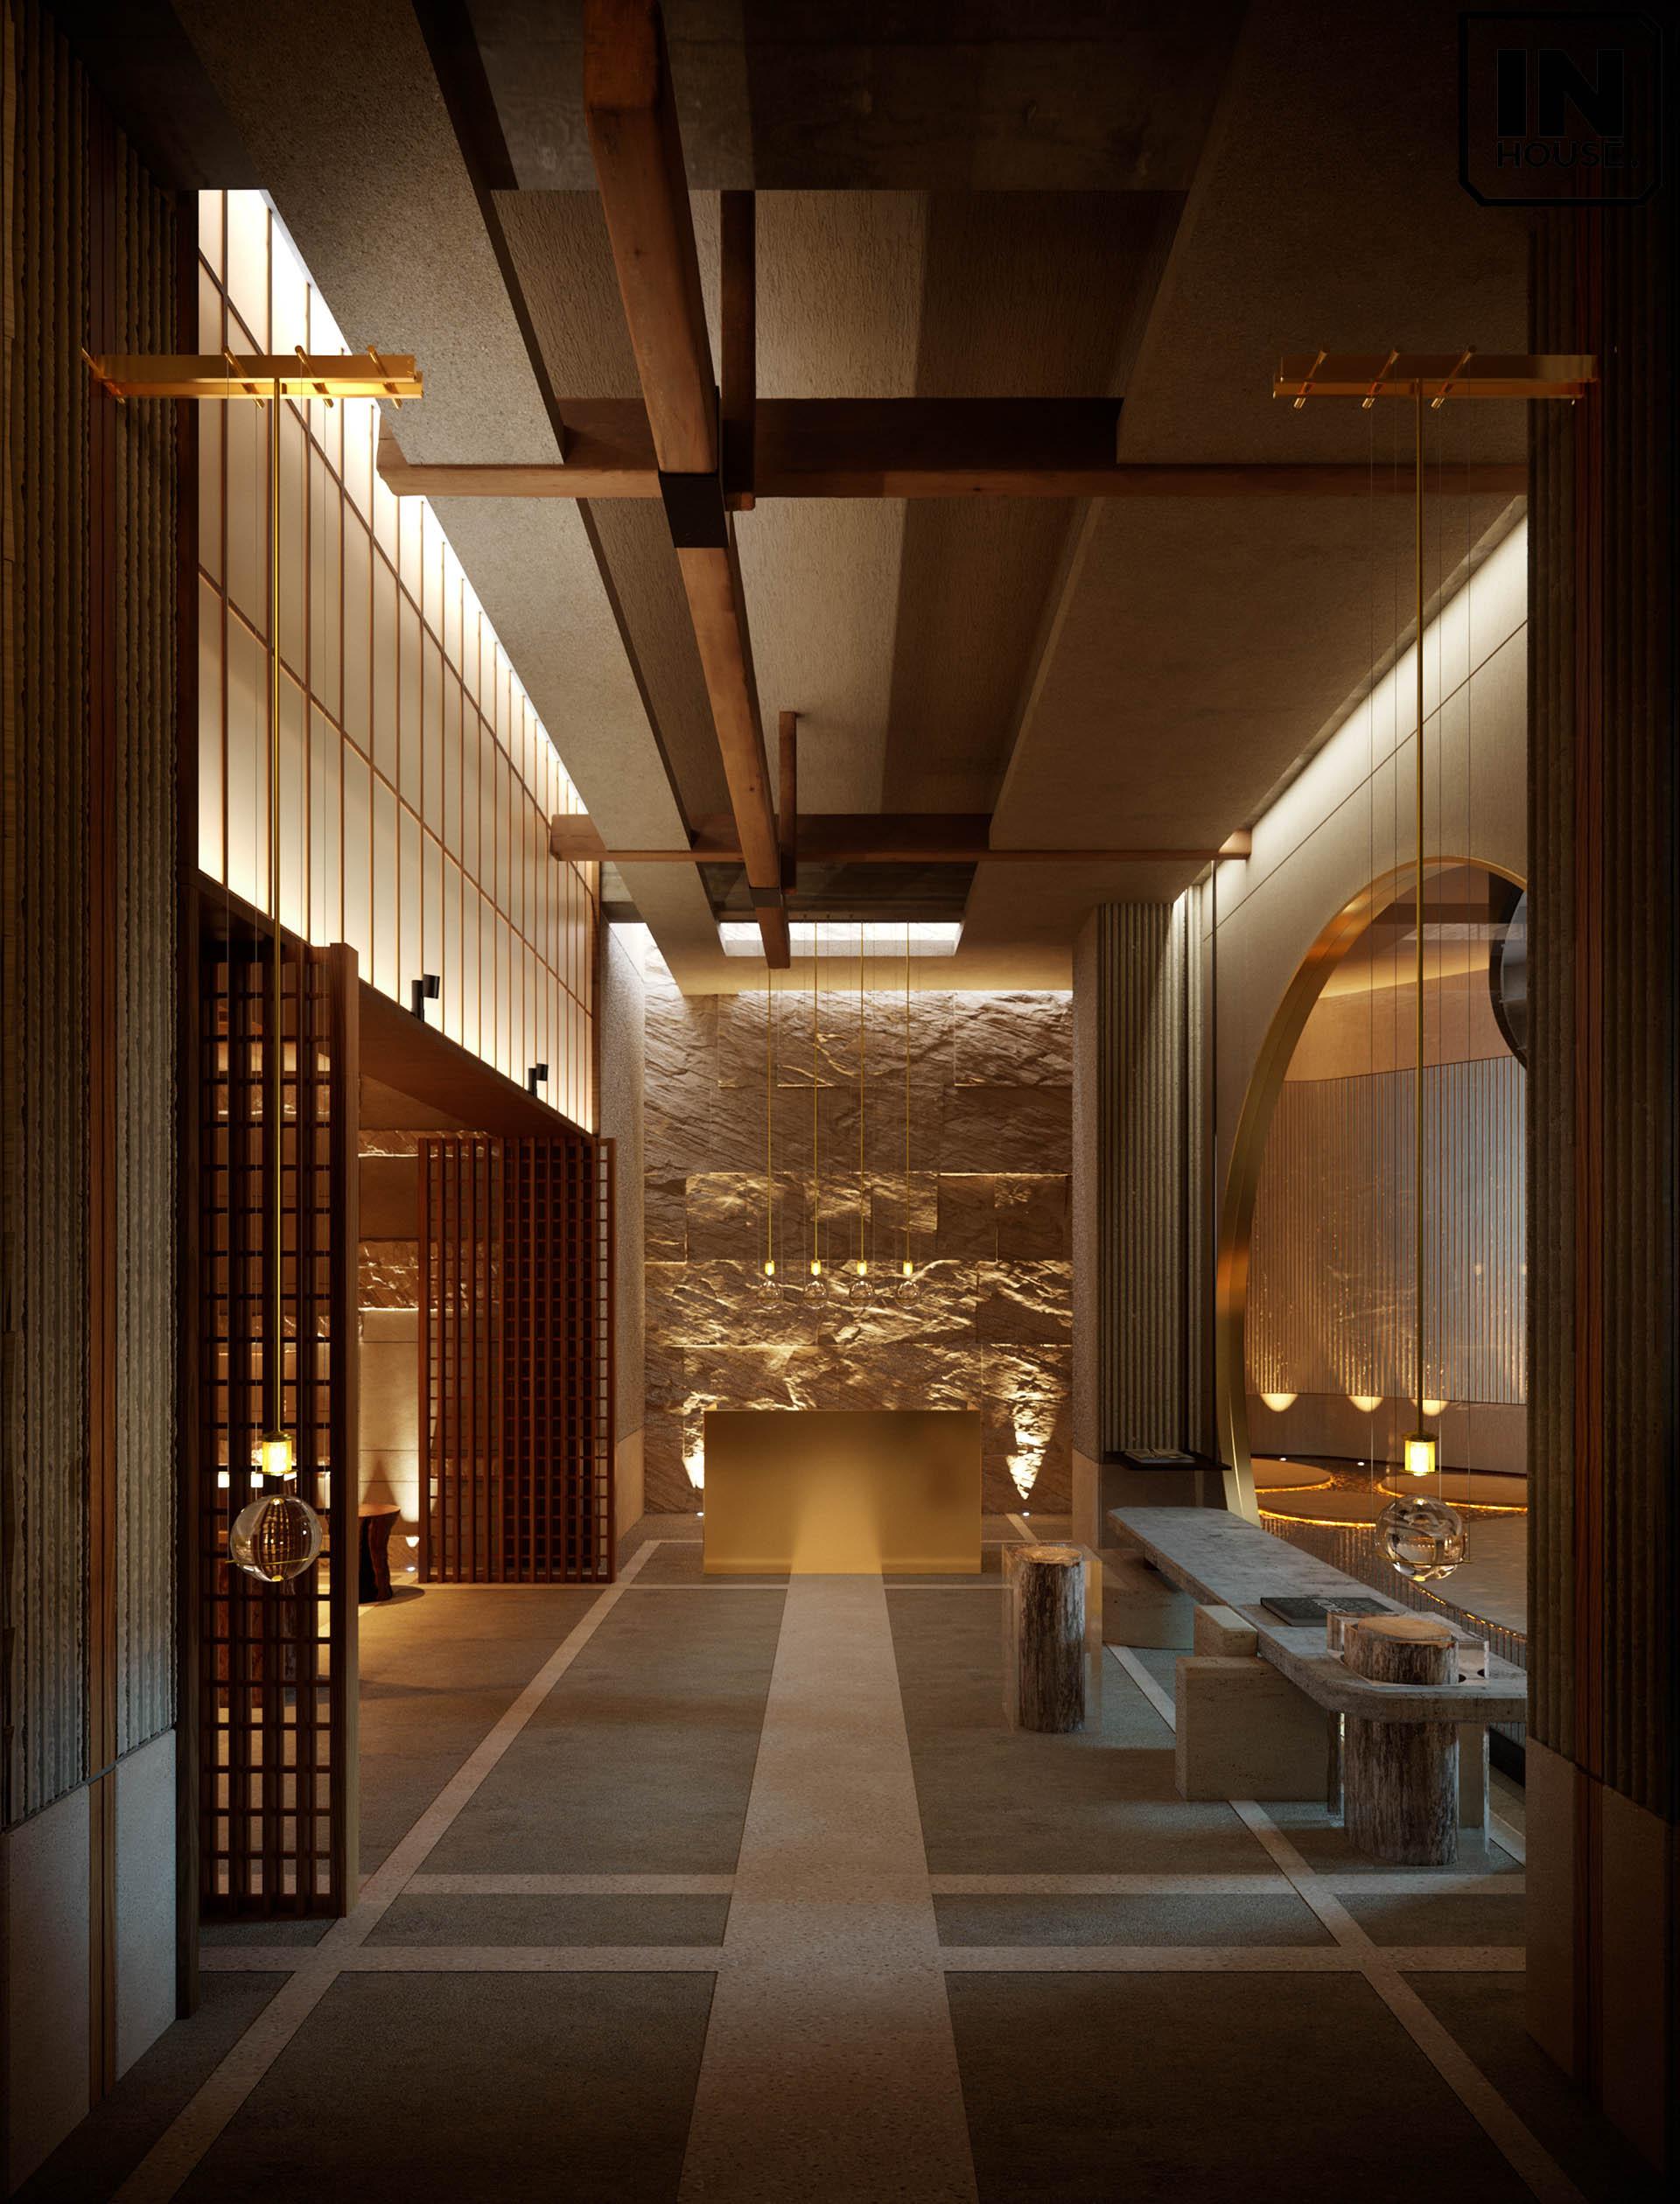 Thiết kế hành lang sử dụng gỗ